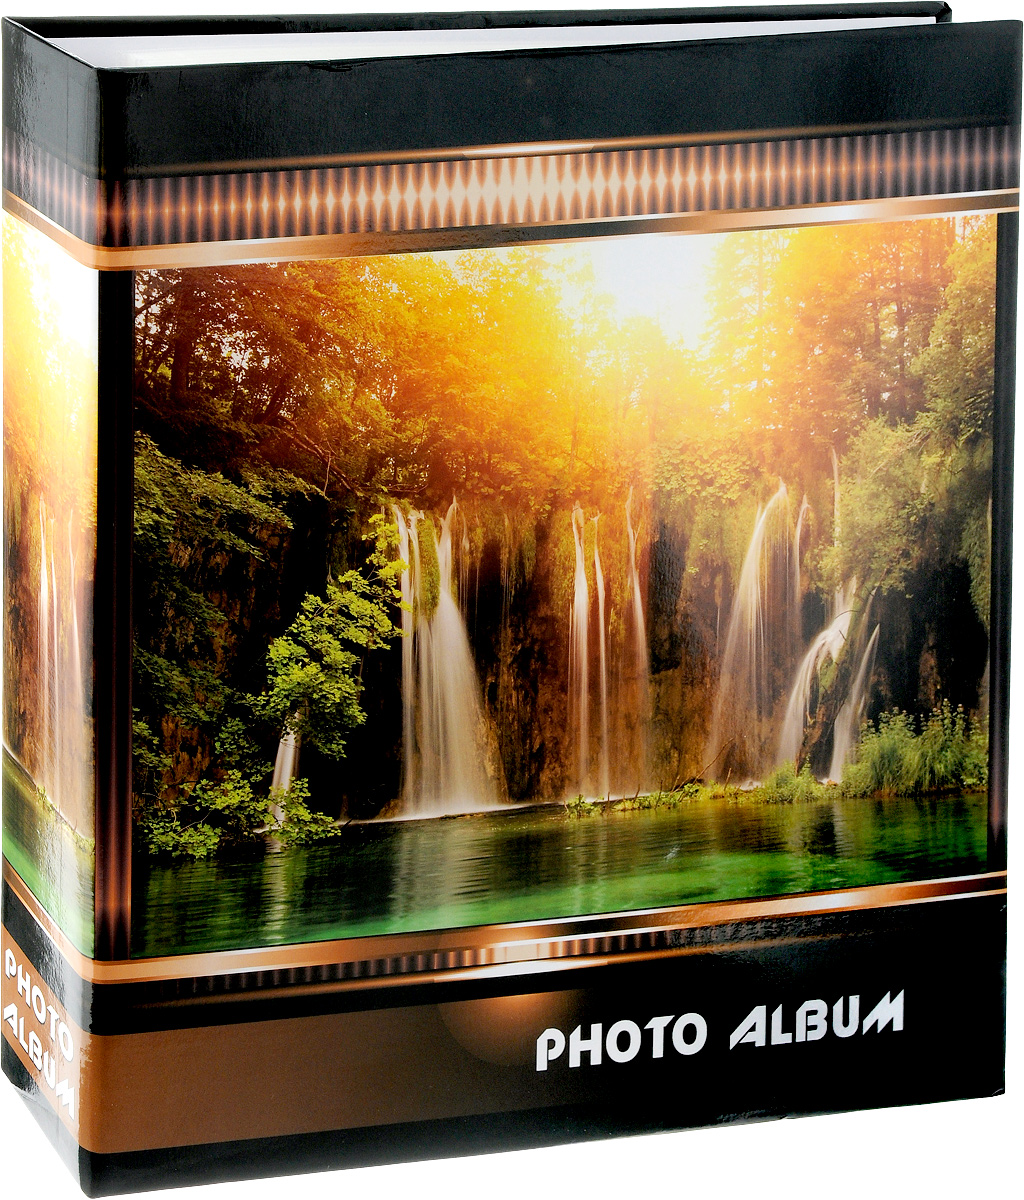 Фотоальбом Pioneer Waterfalls, 500 фотографий, цвет: оранжевый, коричневый, 10 x 15 см3М1614_ голубой, 9820-30/FФотоальбом Pioneer Waterfalls позволит вам запечатлеть незабываемые моменты вашей жизни, сохранить свои истории и воспоминания на его страницах. Обложка из ламинированного картона оформлена принтом в виде водопада. Фотоальбом рассчитан на 500 фотографии форматом 10 x 15 см. Фотографии фиксируется внутри с помощью кармашек. Такой необычный фотоальбом позволит легко заполнить страницы вашей истории, и с годами ничего не забудется. На странице размещаются 5 фотографий: 3 горизонтально и 2 вертикально. Количество страниц: 100. Материал обложки: Ламинированный картон. Переплет: на кольцах. Материалы, использованные в изготовлении альбома, обеспечивают высокое качество хранения ваших фотографий, поэтому фотографии не желтеют со временем.Материалы, использованные в изготовлении альбома, обеспечивают высокое качество хранения ваших фотографий, поэтому фотографии не желтеют со временем.